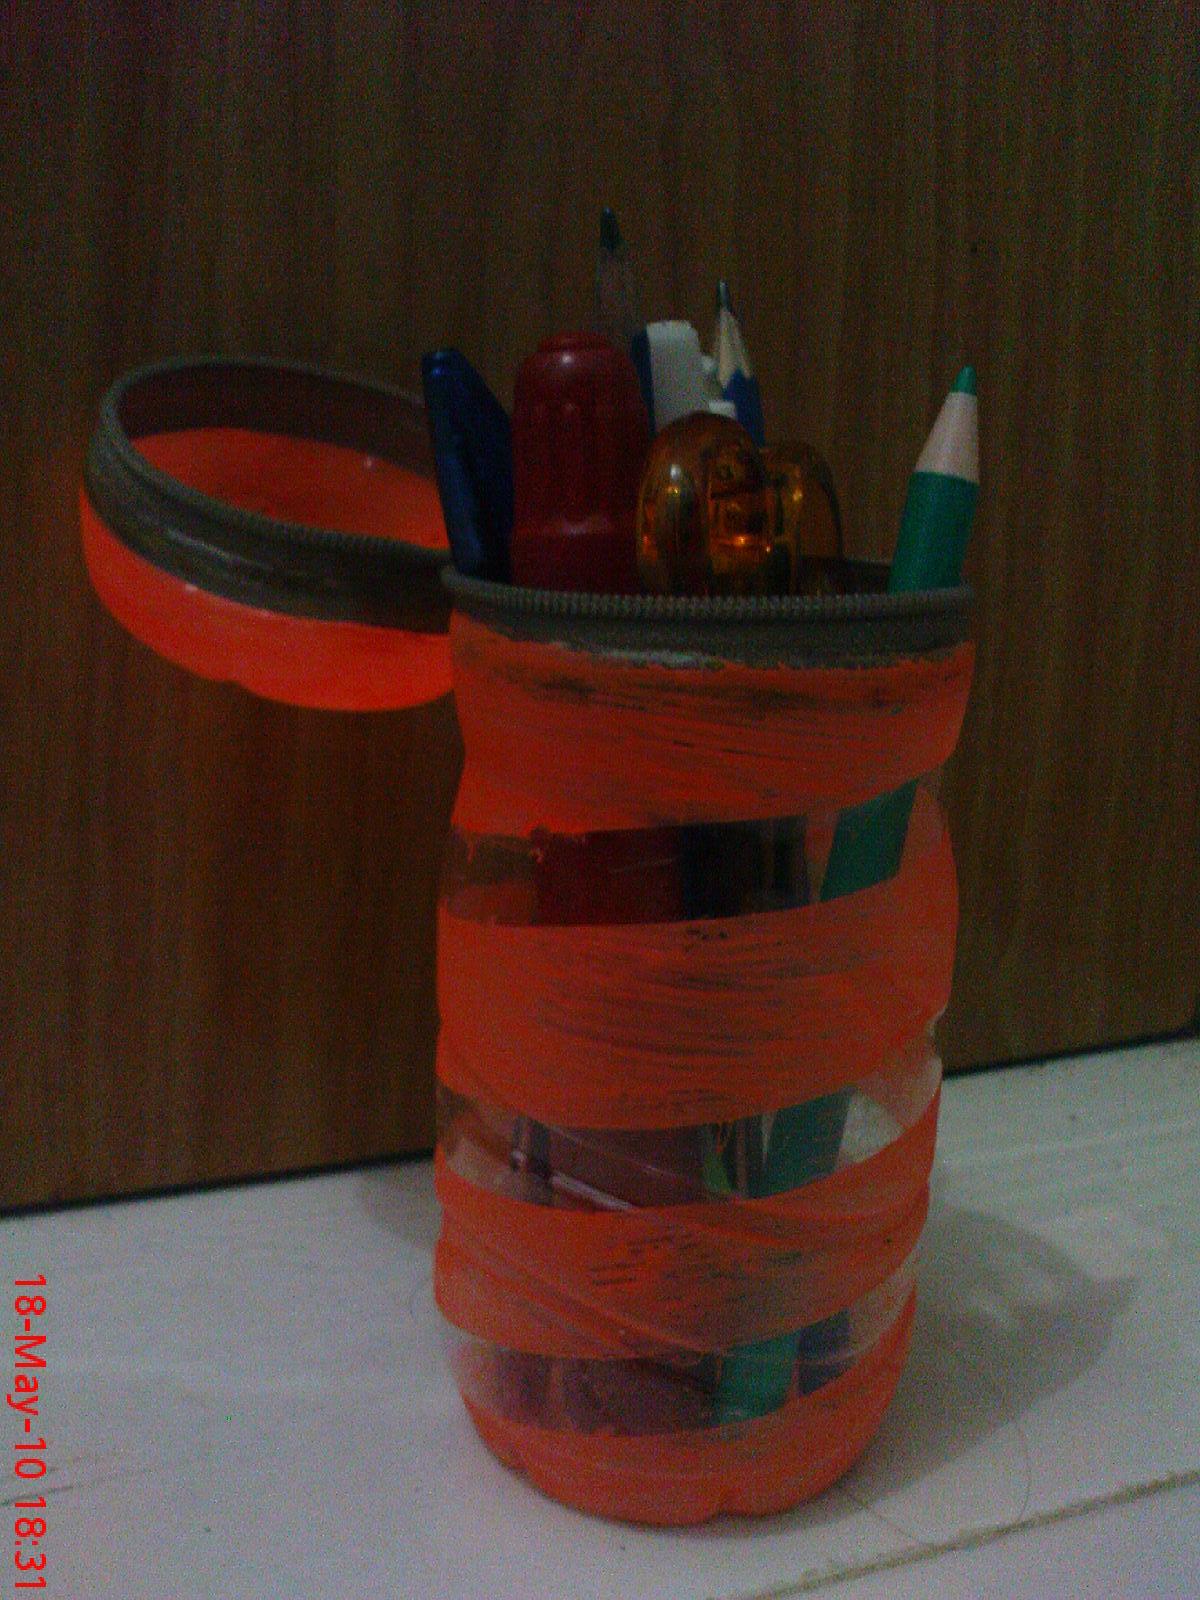 http://4.bp.blogspot.com/_PPPR4cZO68Y/TDFjuQX_WBI/AAAAAAAAAMU/CIB74f4bGnU/s1600/DSC02288.JPG